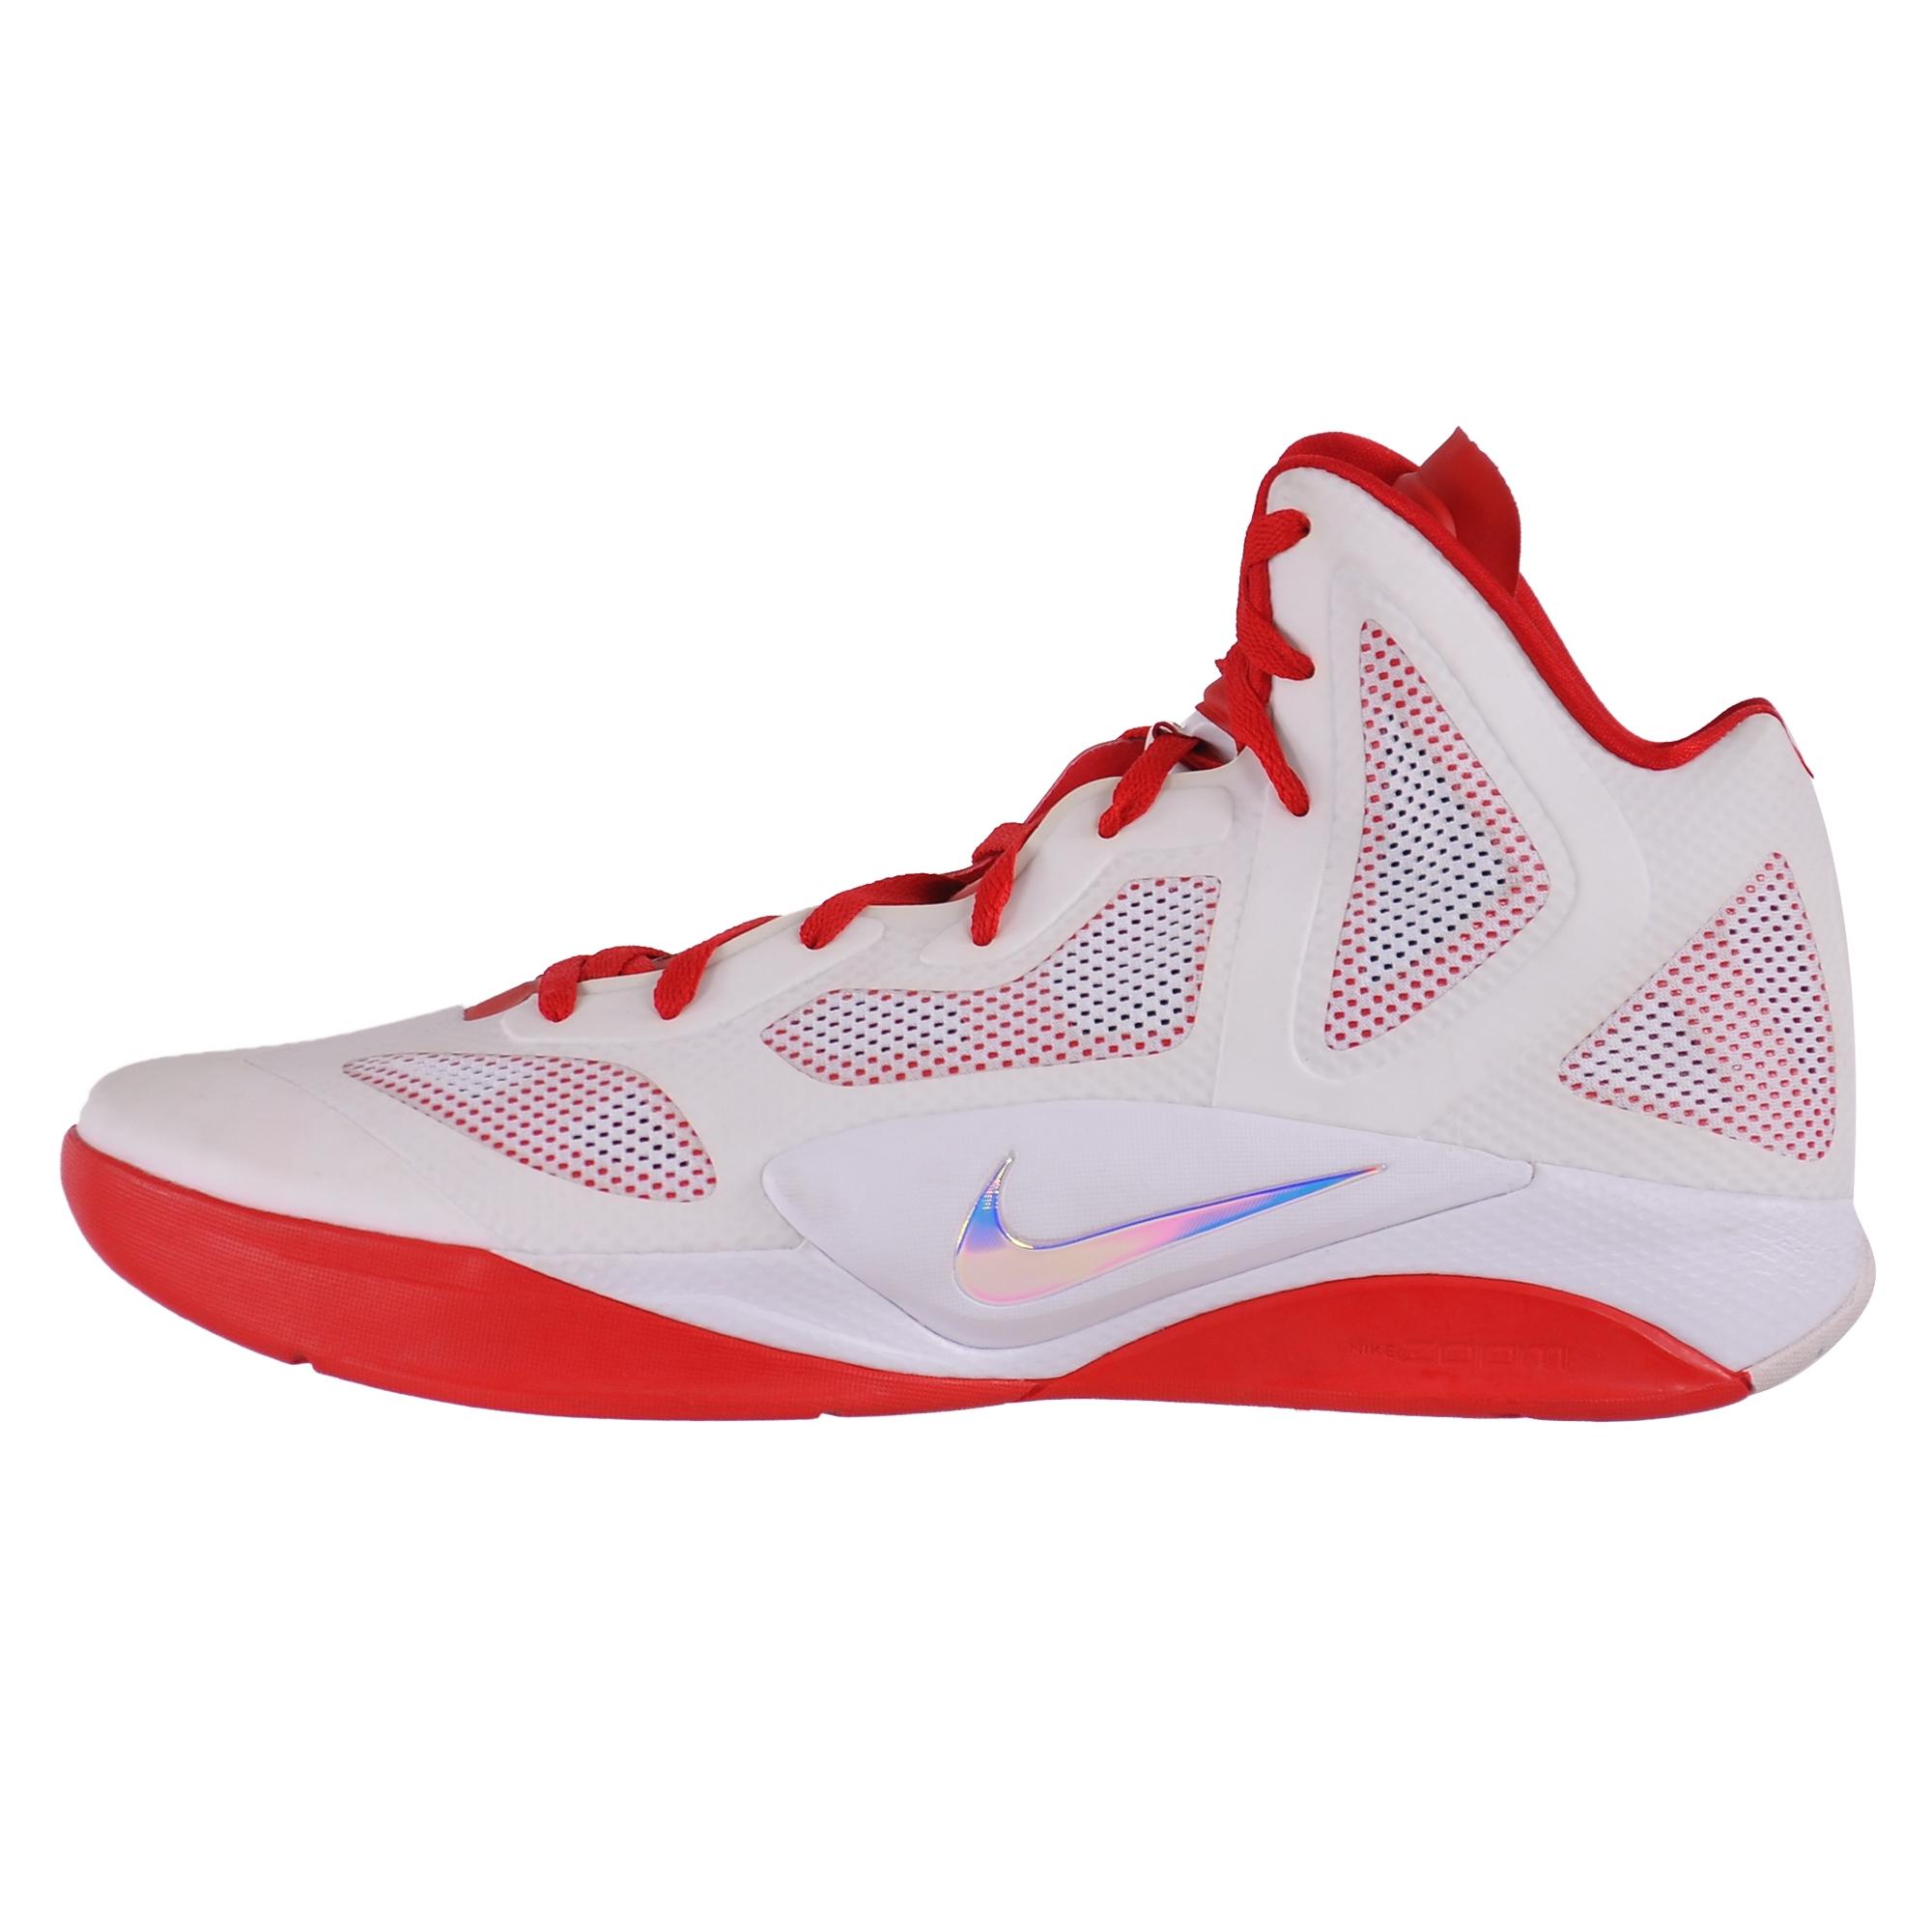 nike zoom hyperfuse 2011 erkek basketbol ayakkabısı